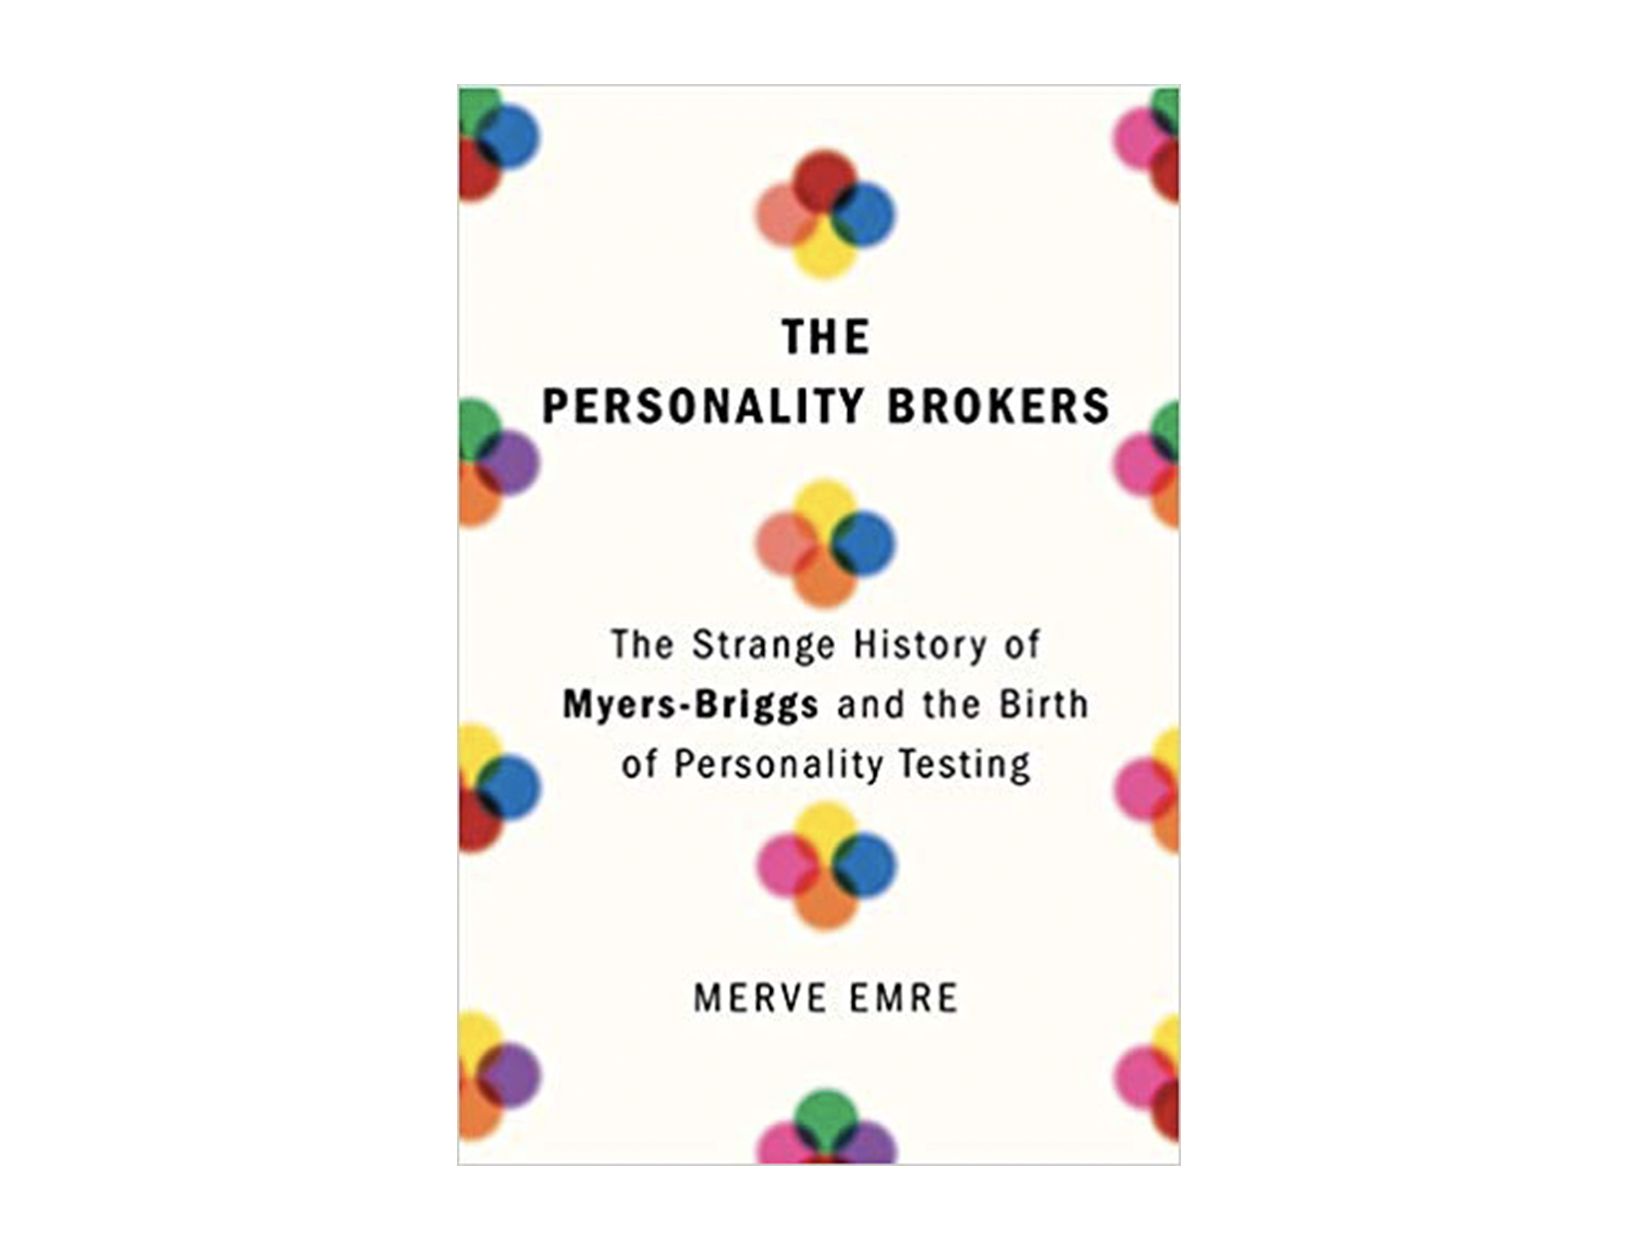 <em>The Personality Brokers</em> by Merve Emre